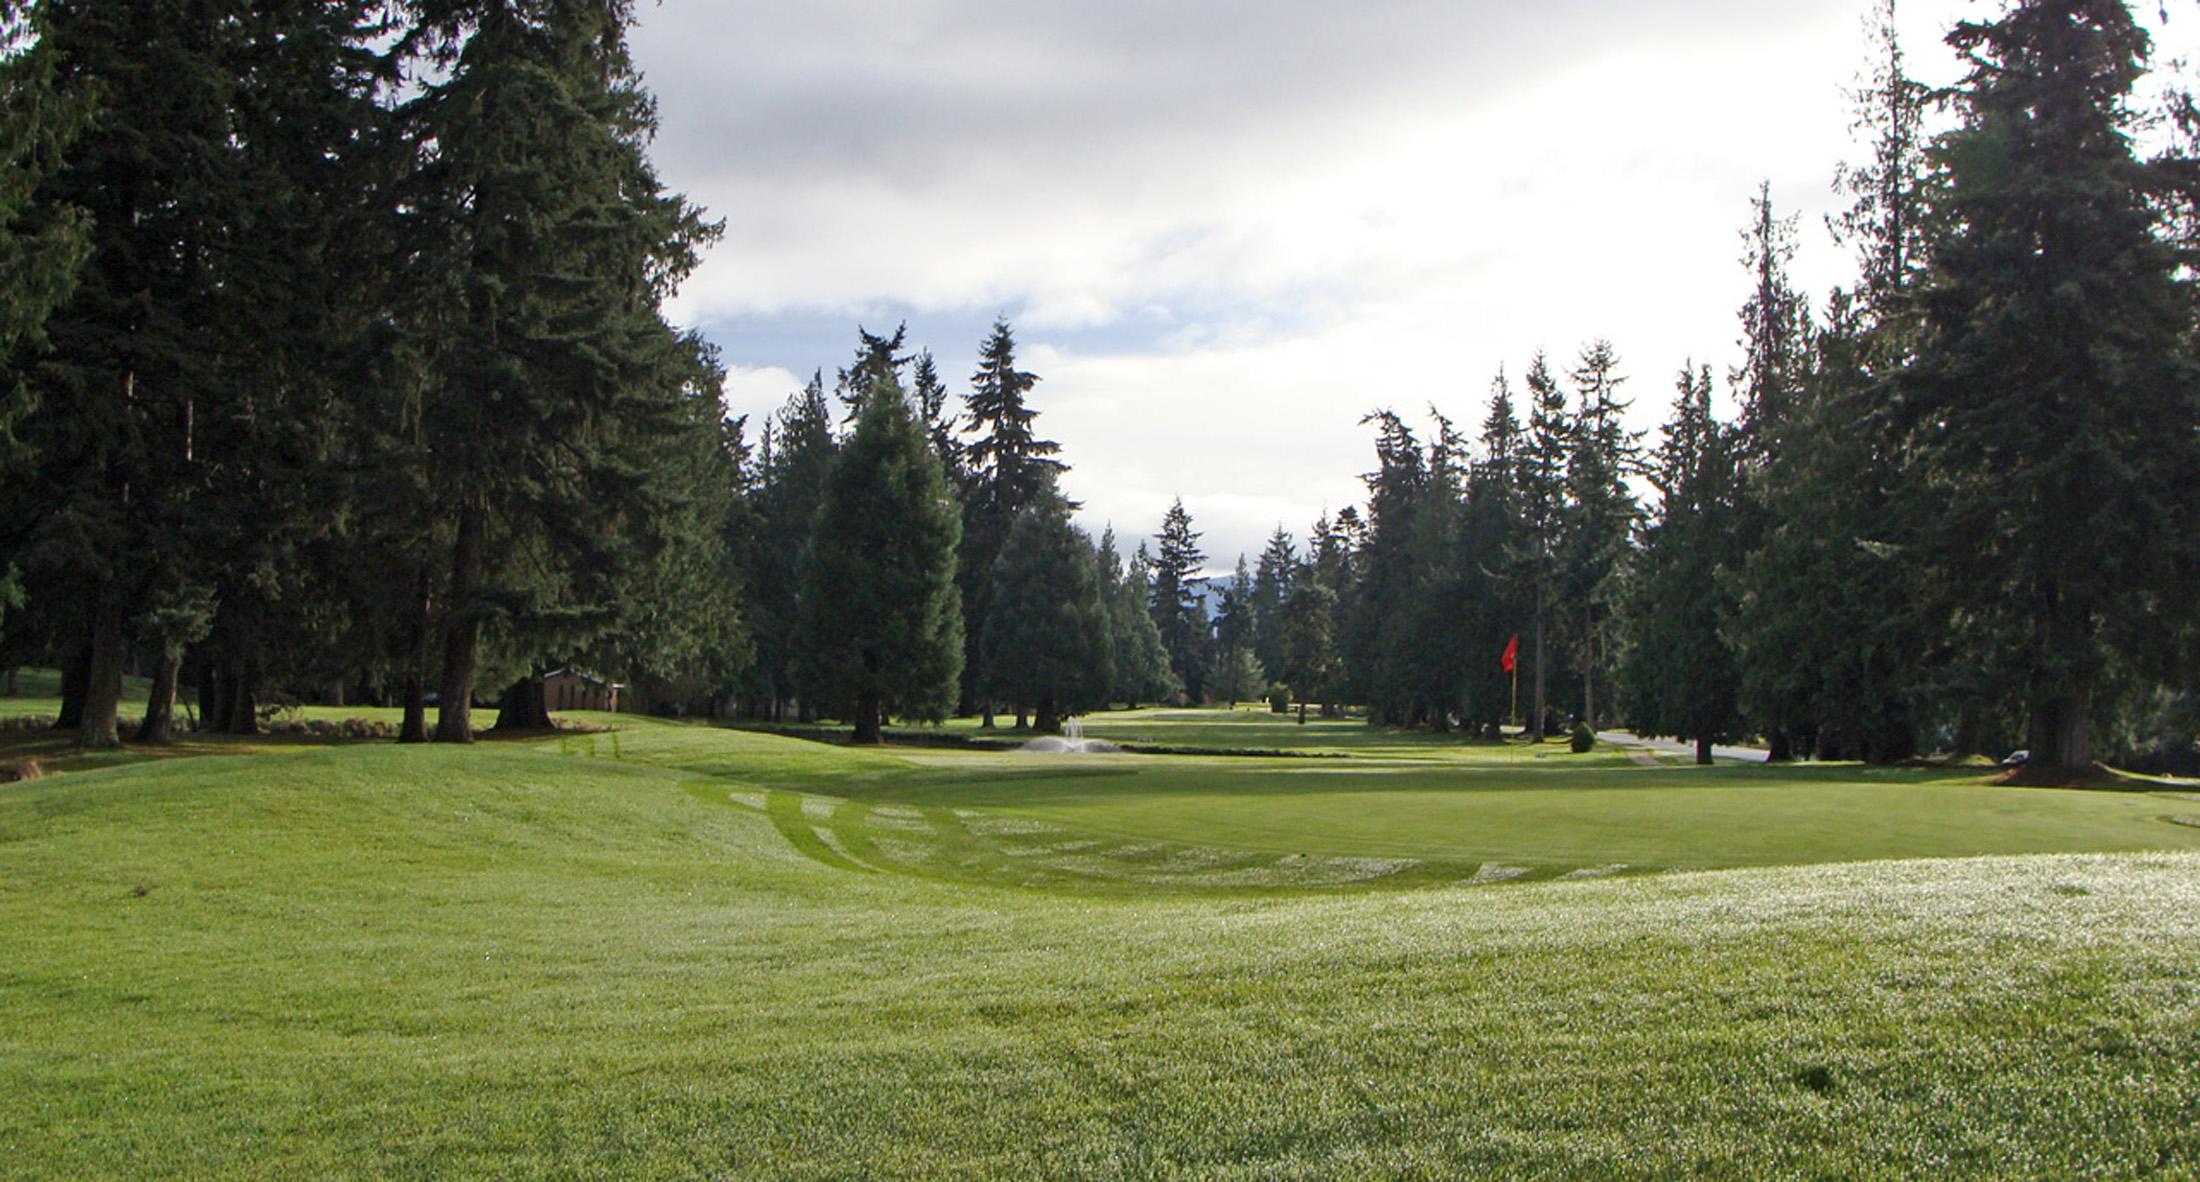 Sunland Golf Course Fairway